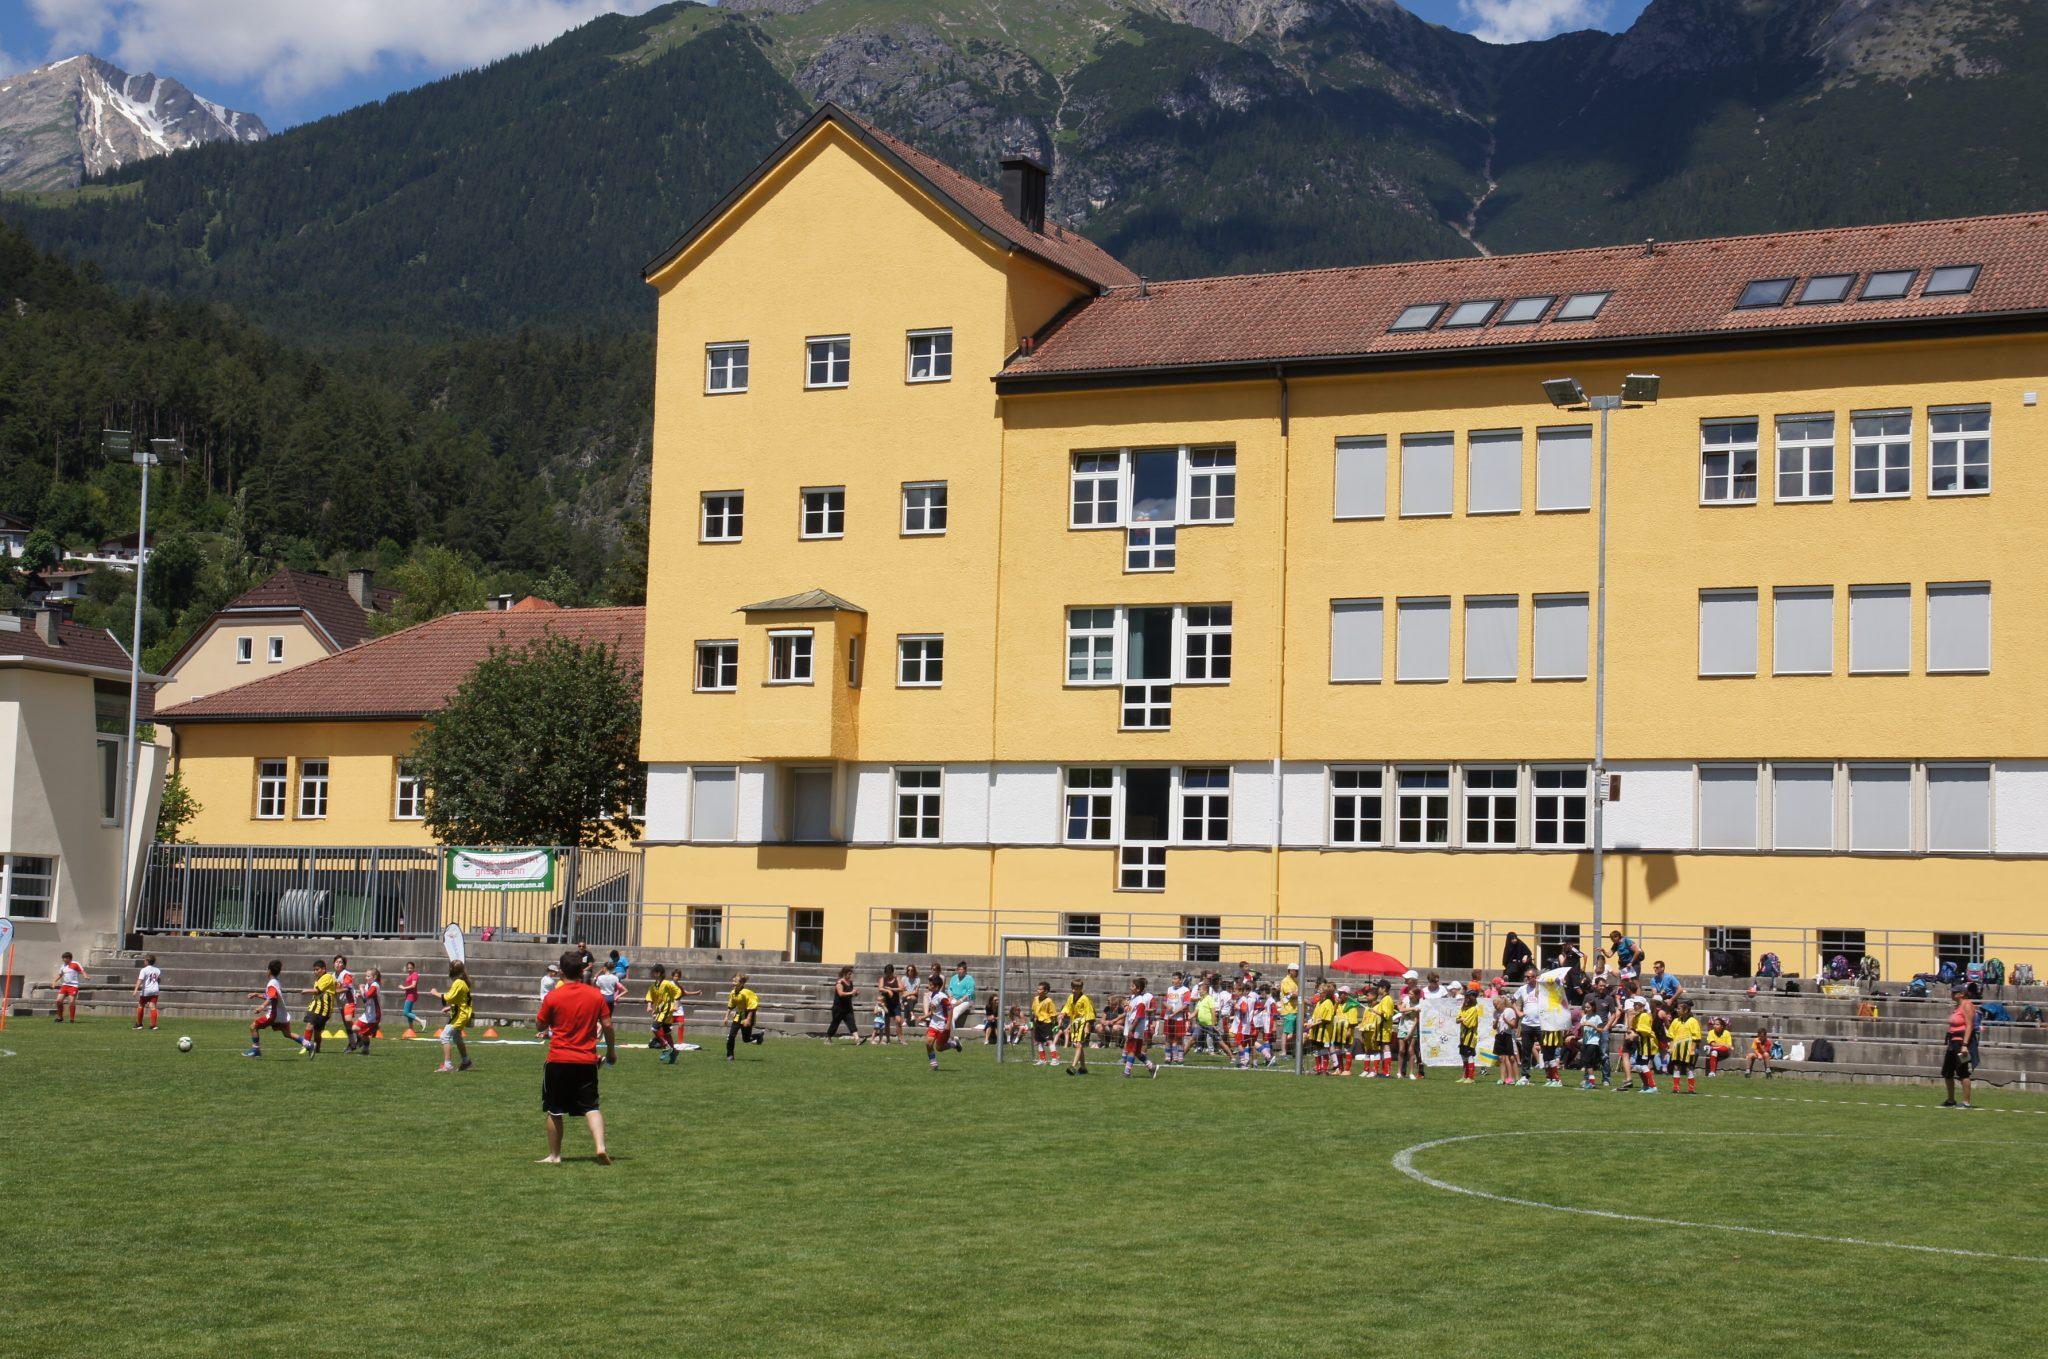 WM Flair Beim Alpine-Coaster-Fußballturnier